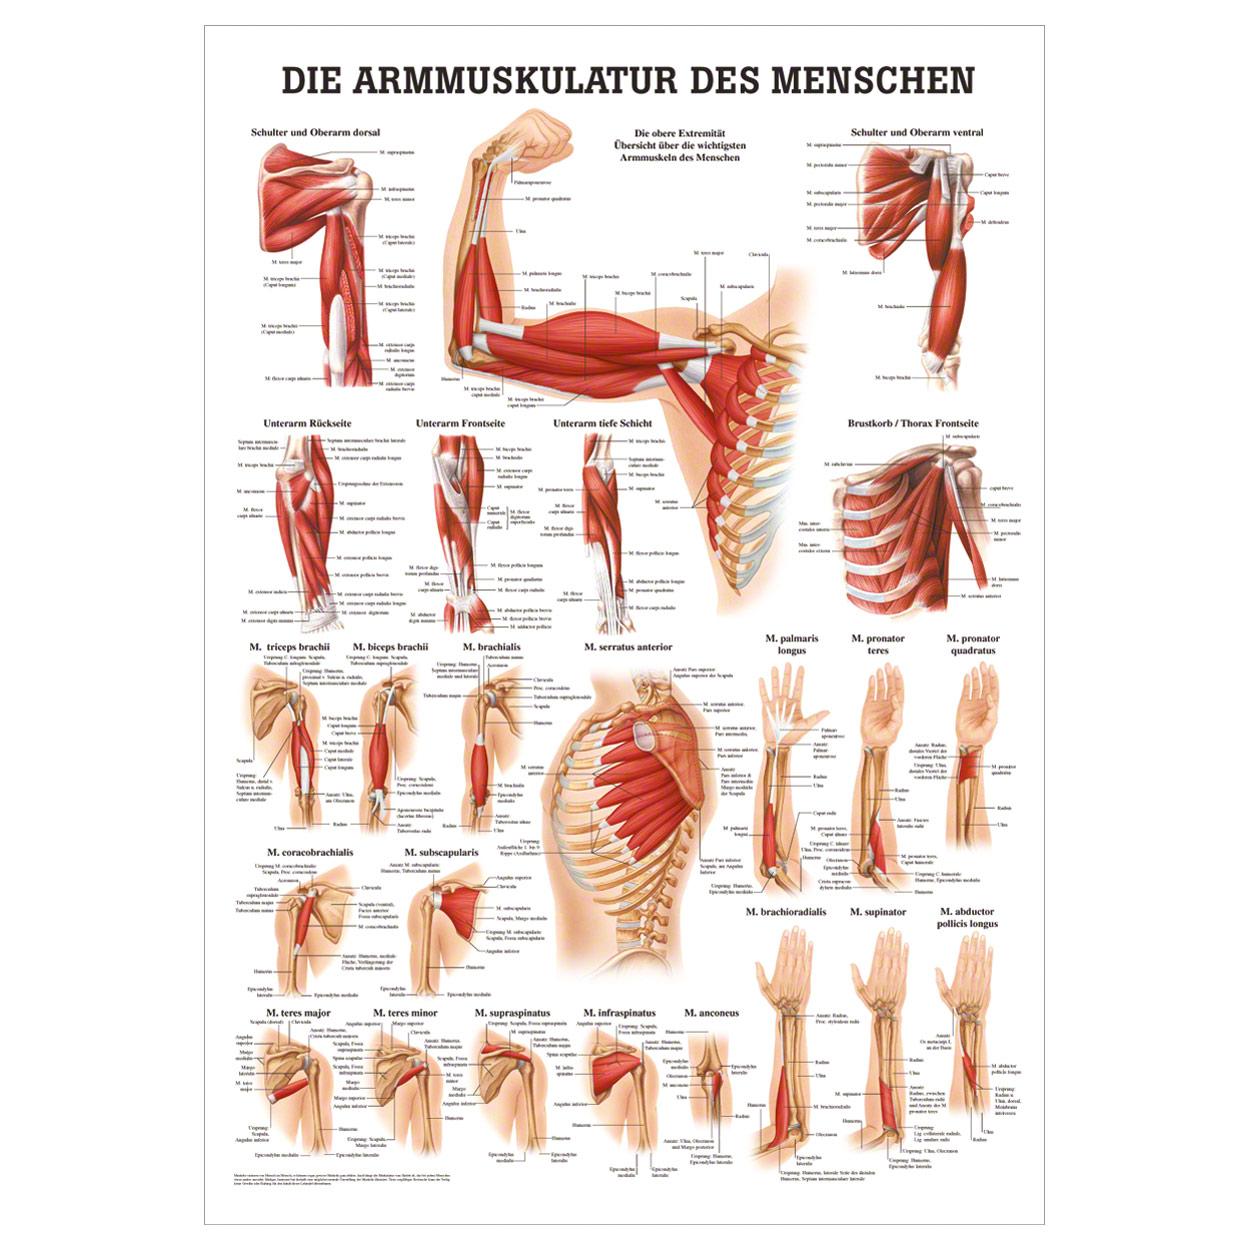 Atemberaubend Wichtigsten Organe Des Menschlichen Körpers Galerie ...